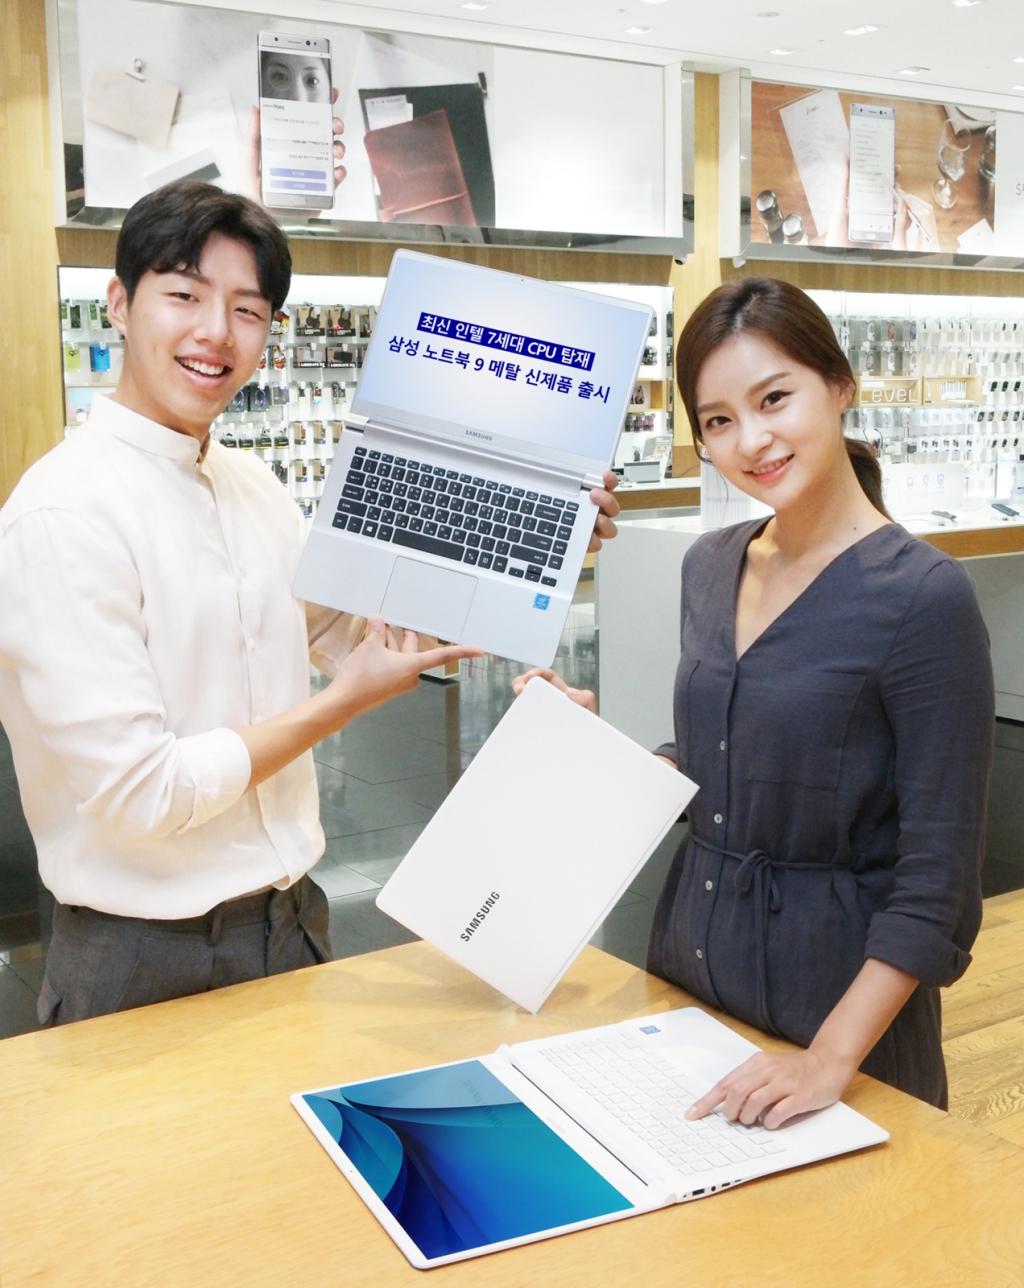 삼성전자, 7세대 인텔 코어 프로세서 탑재한 '삼성 노트북 9 메탈' 출시